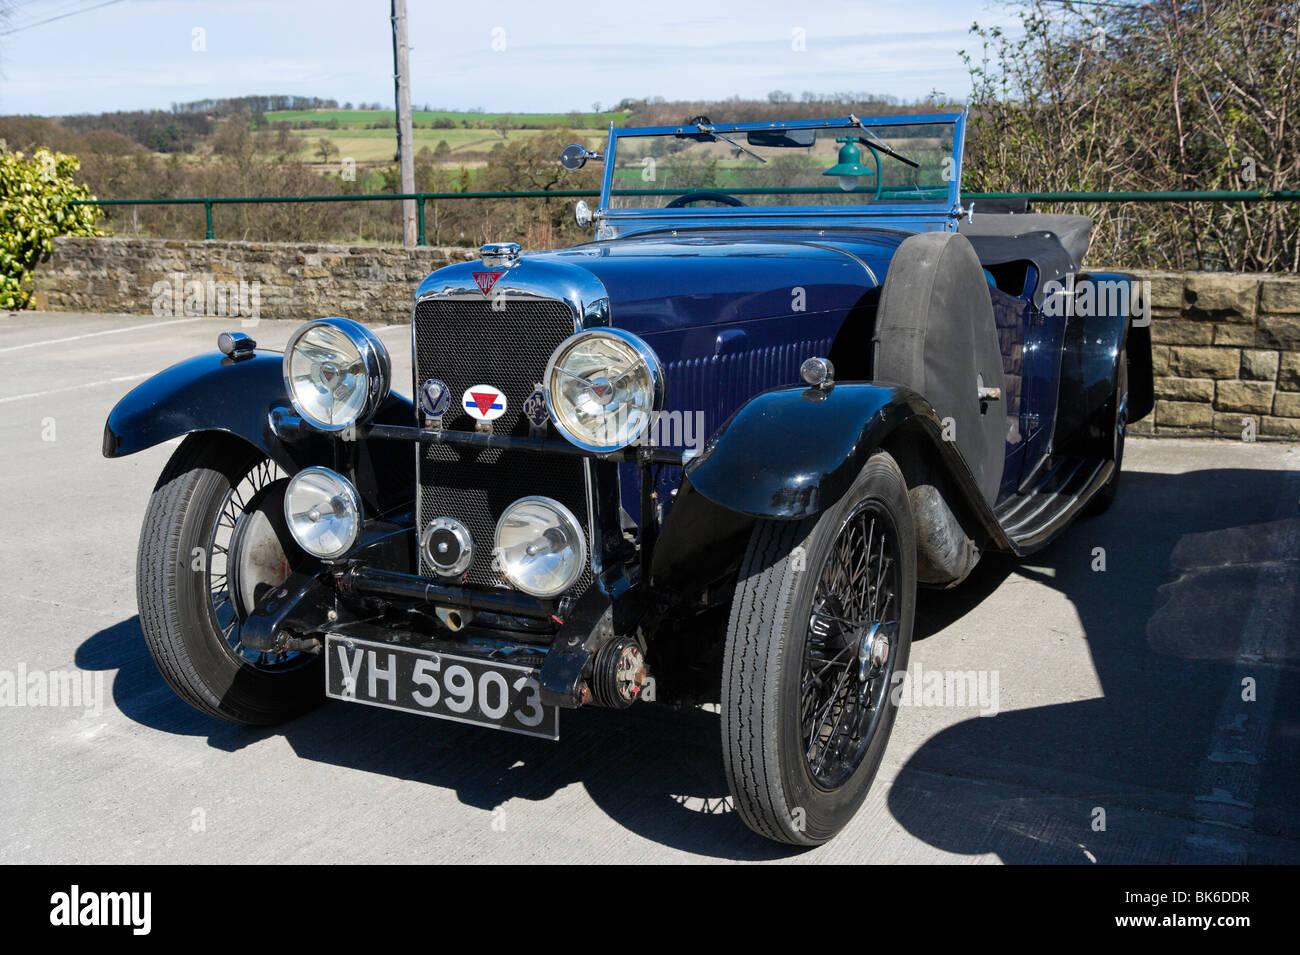 Un clásico Alvis coches en los valles de Yorkshire, Inglaterra Imagen De Stock